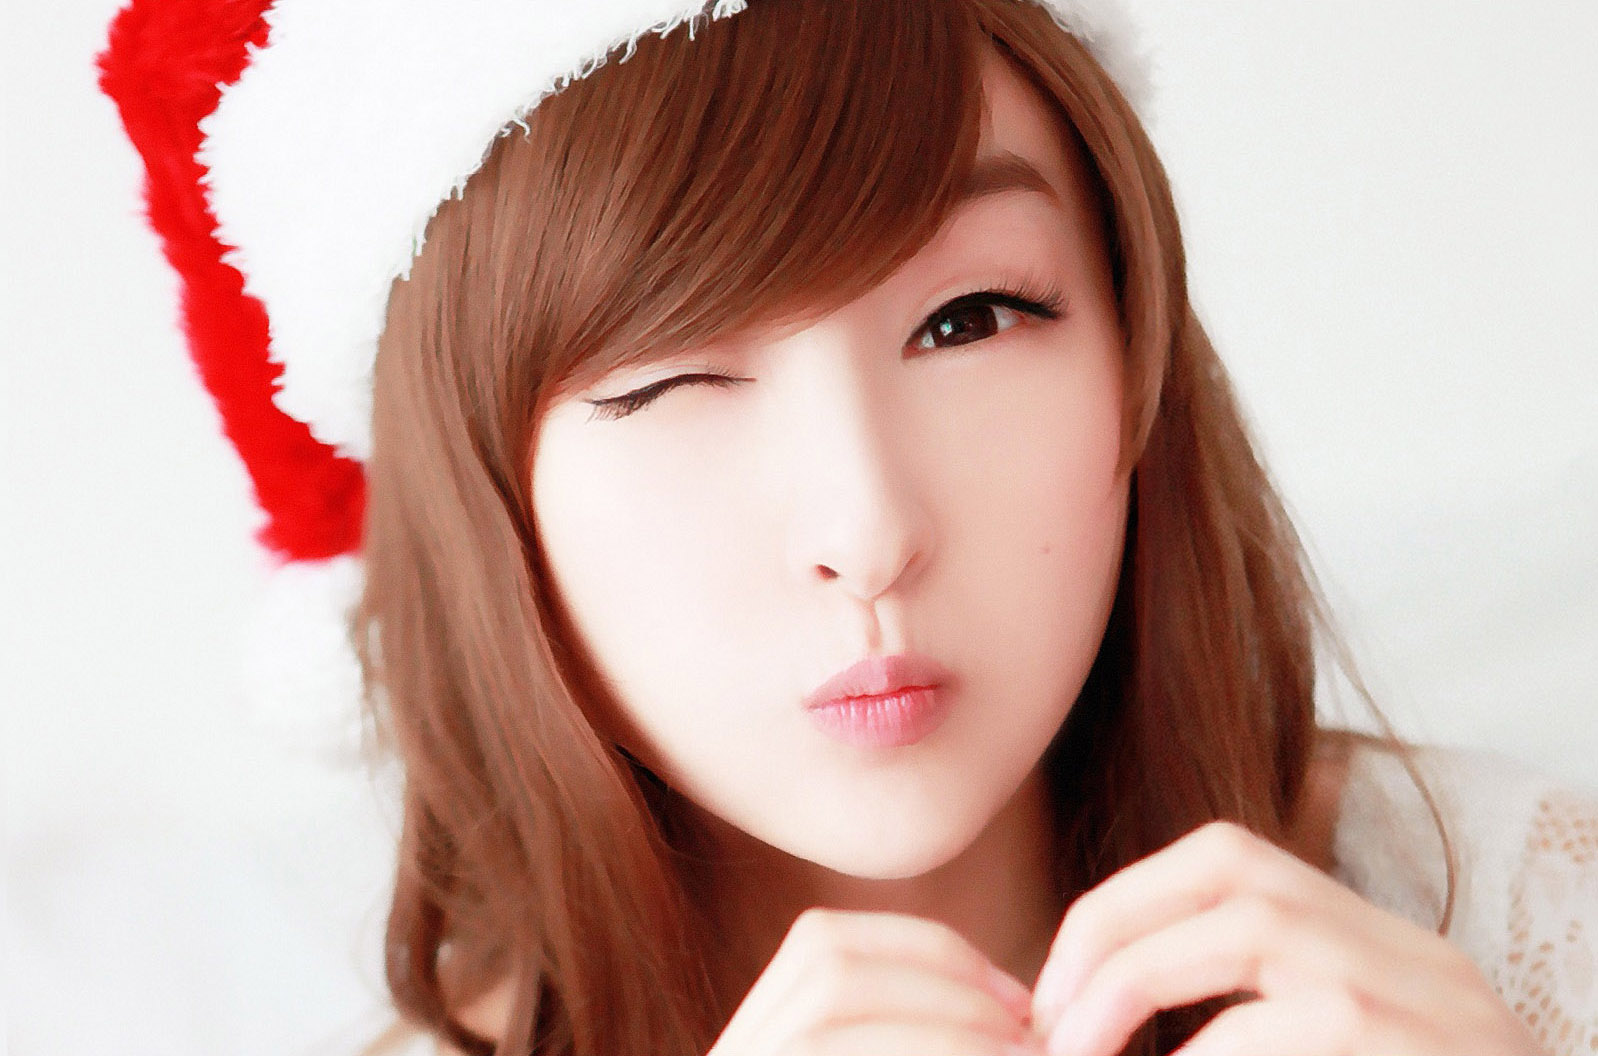 Ảnh gái đẹp Nhật Bản